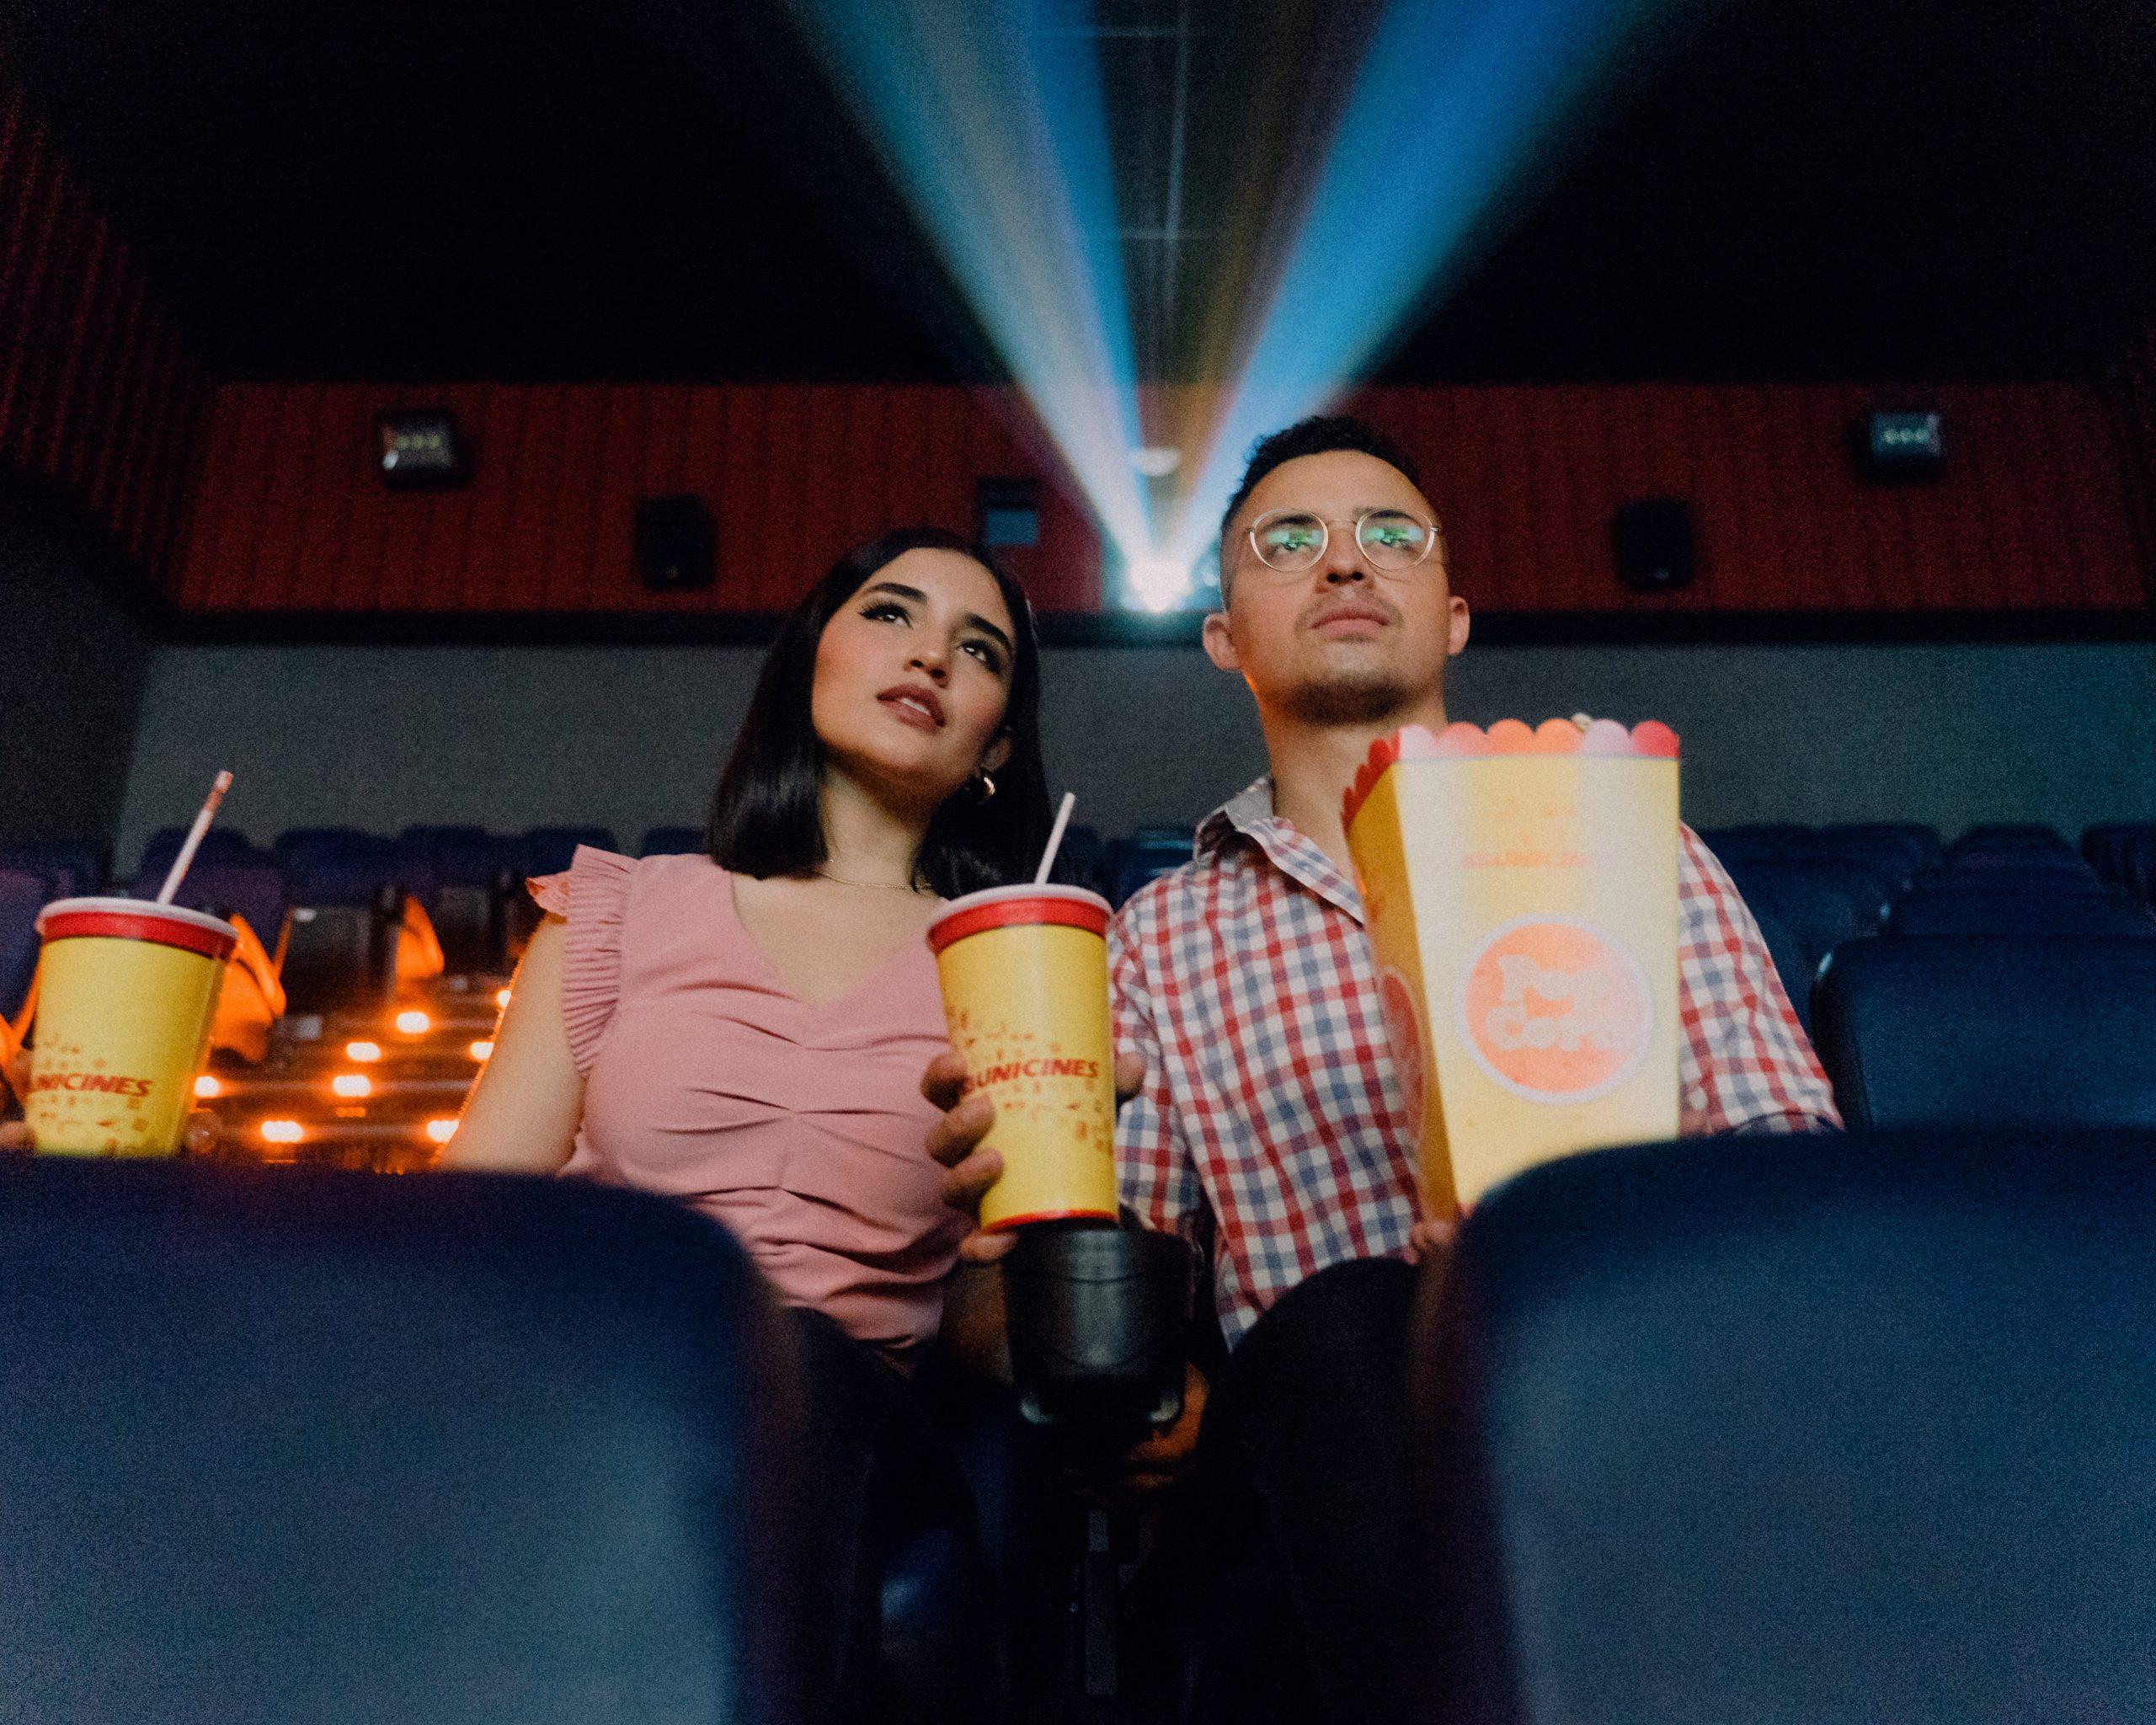 Imagem de um casal assistindo um filme.